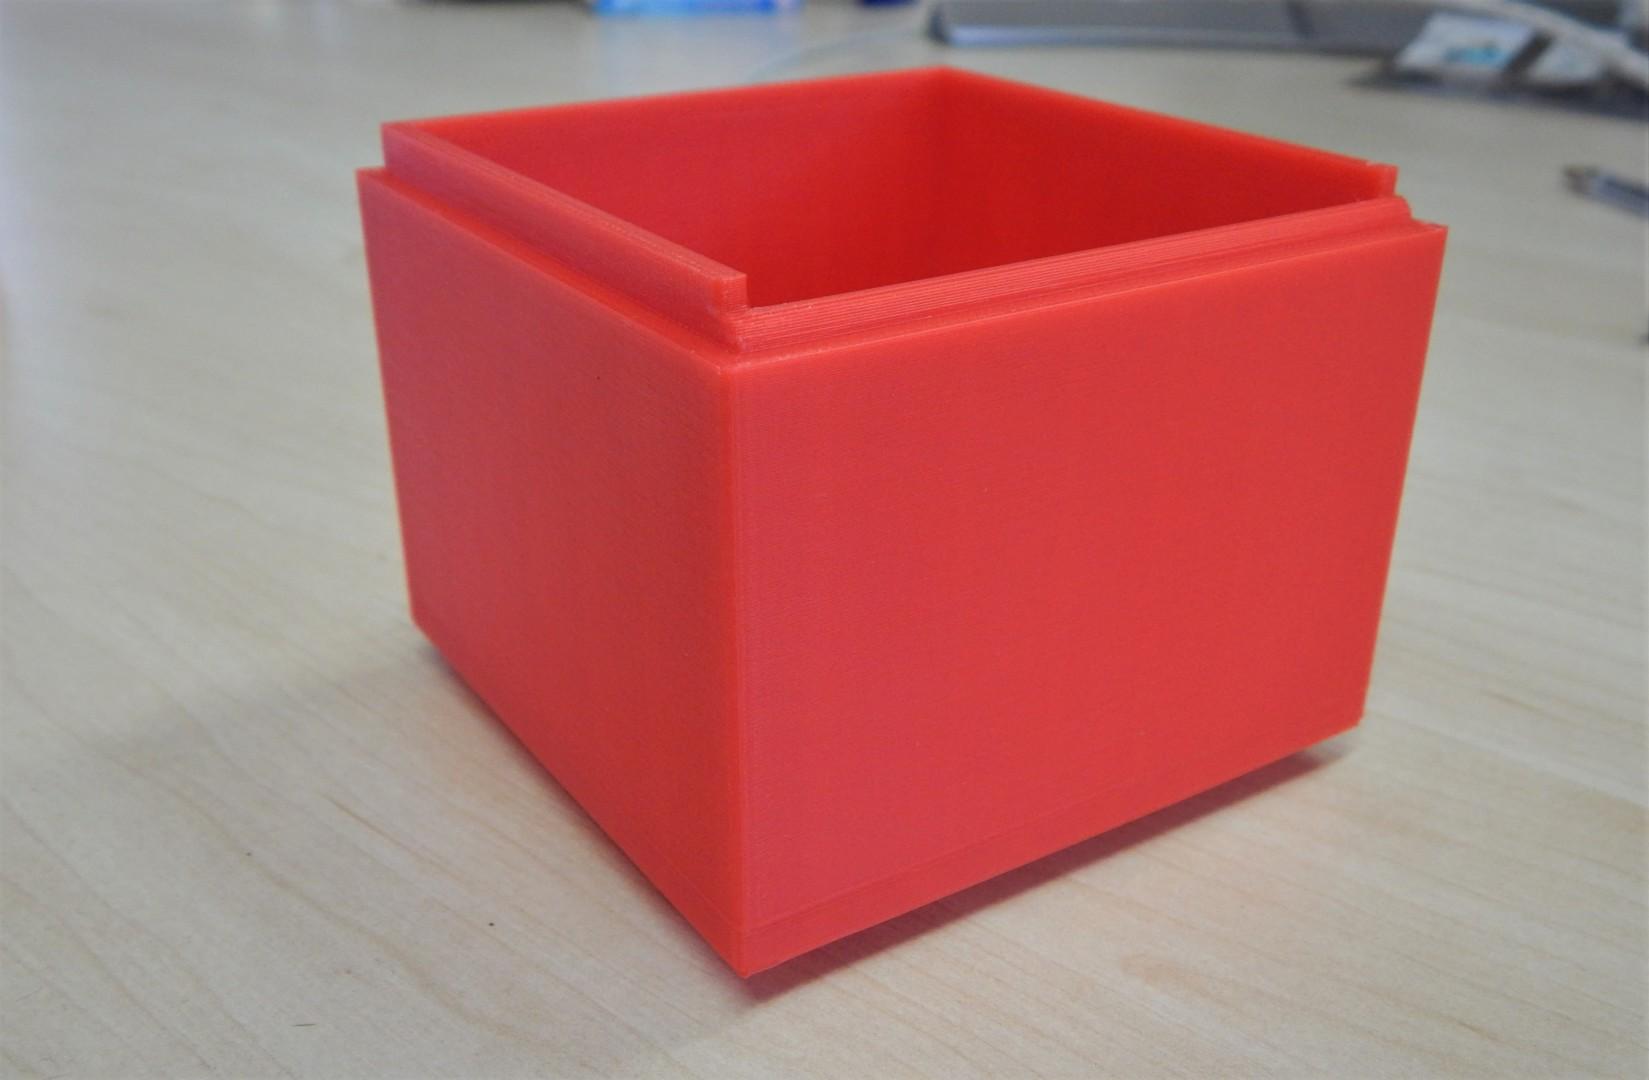 3D printed box and rim